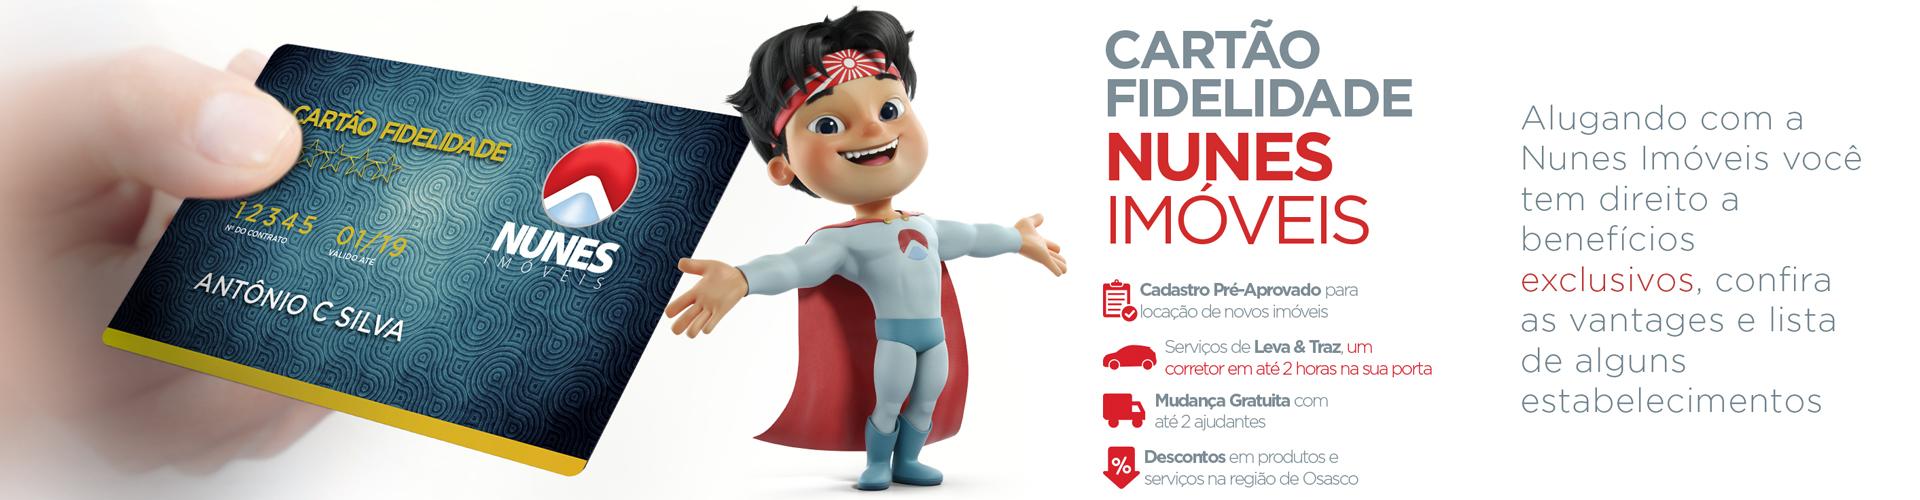 Banner Fidelidade